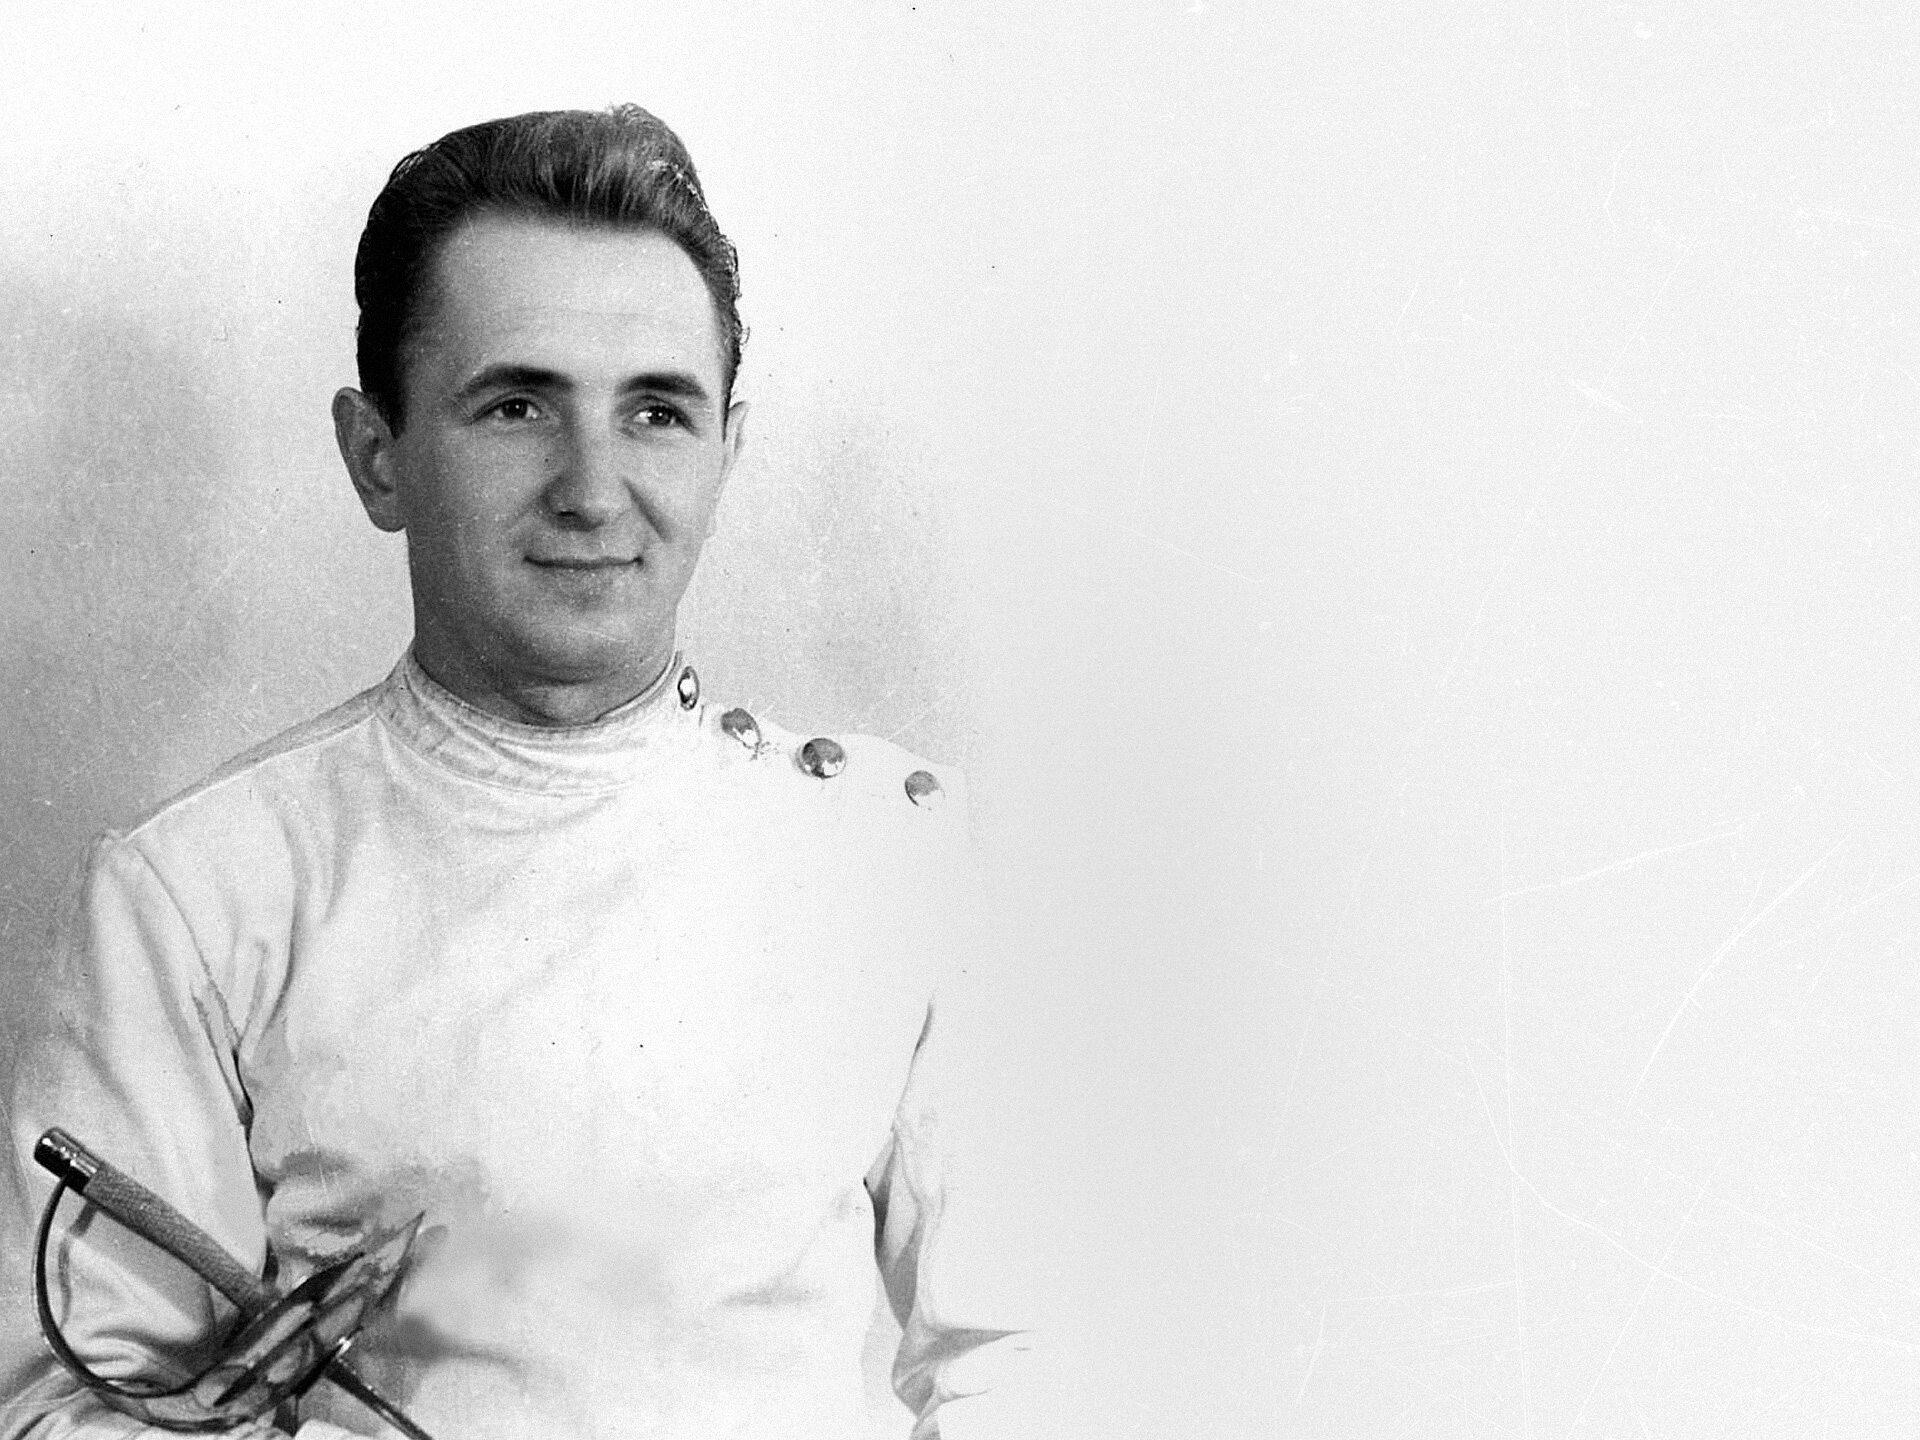 Jerzy Pawłowski, Olimpiada Meksyk 1968 r.